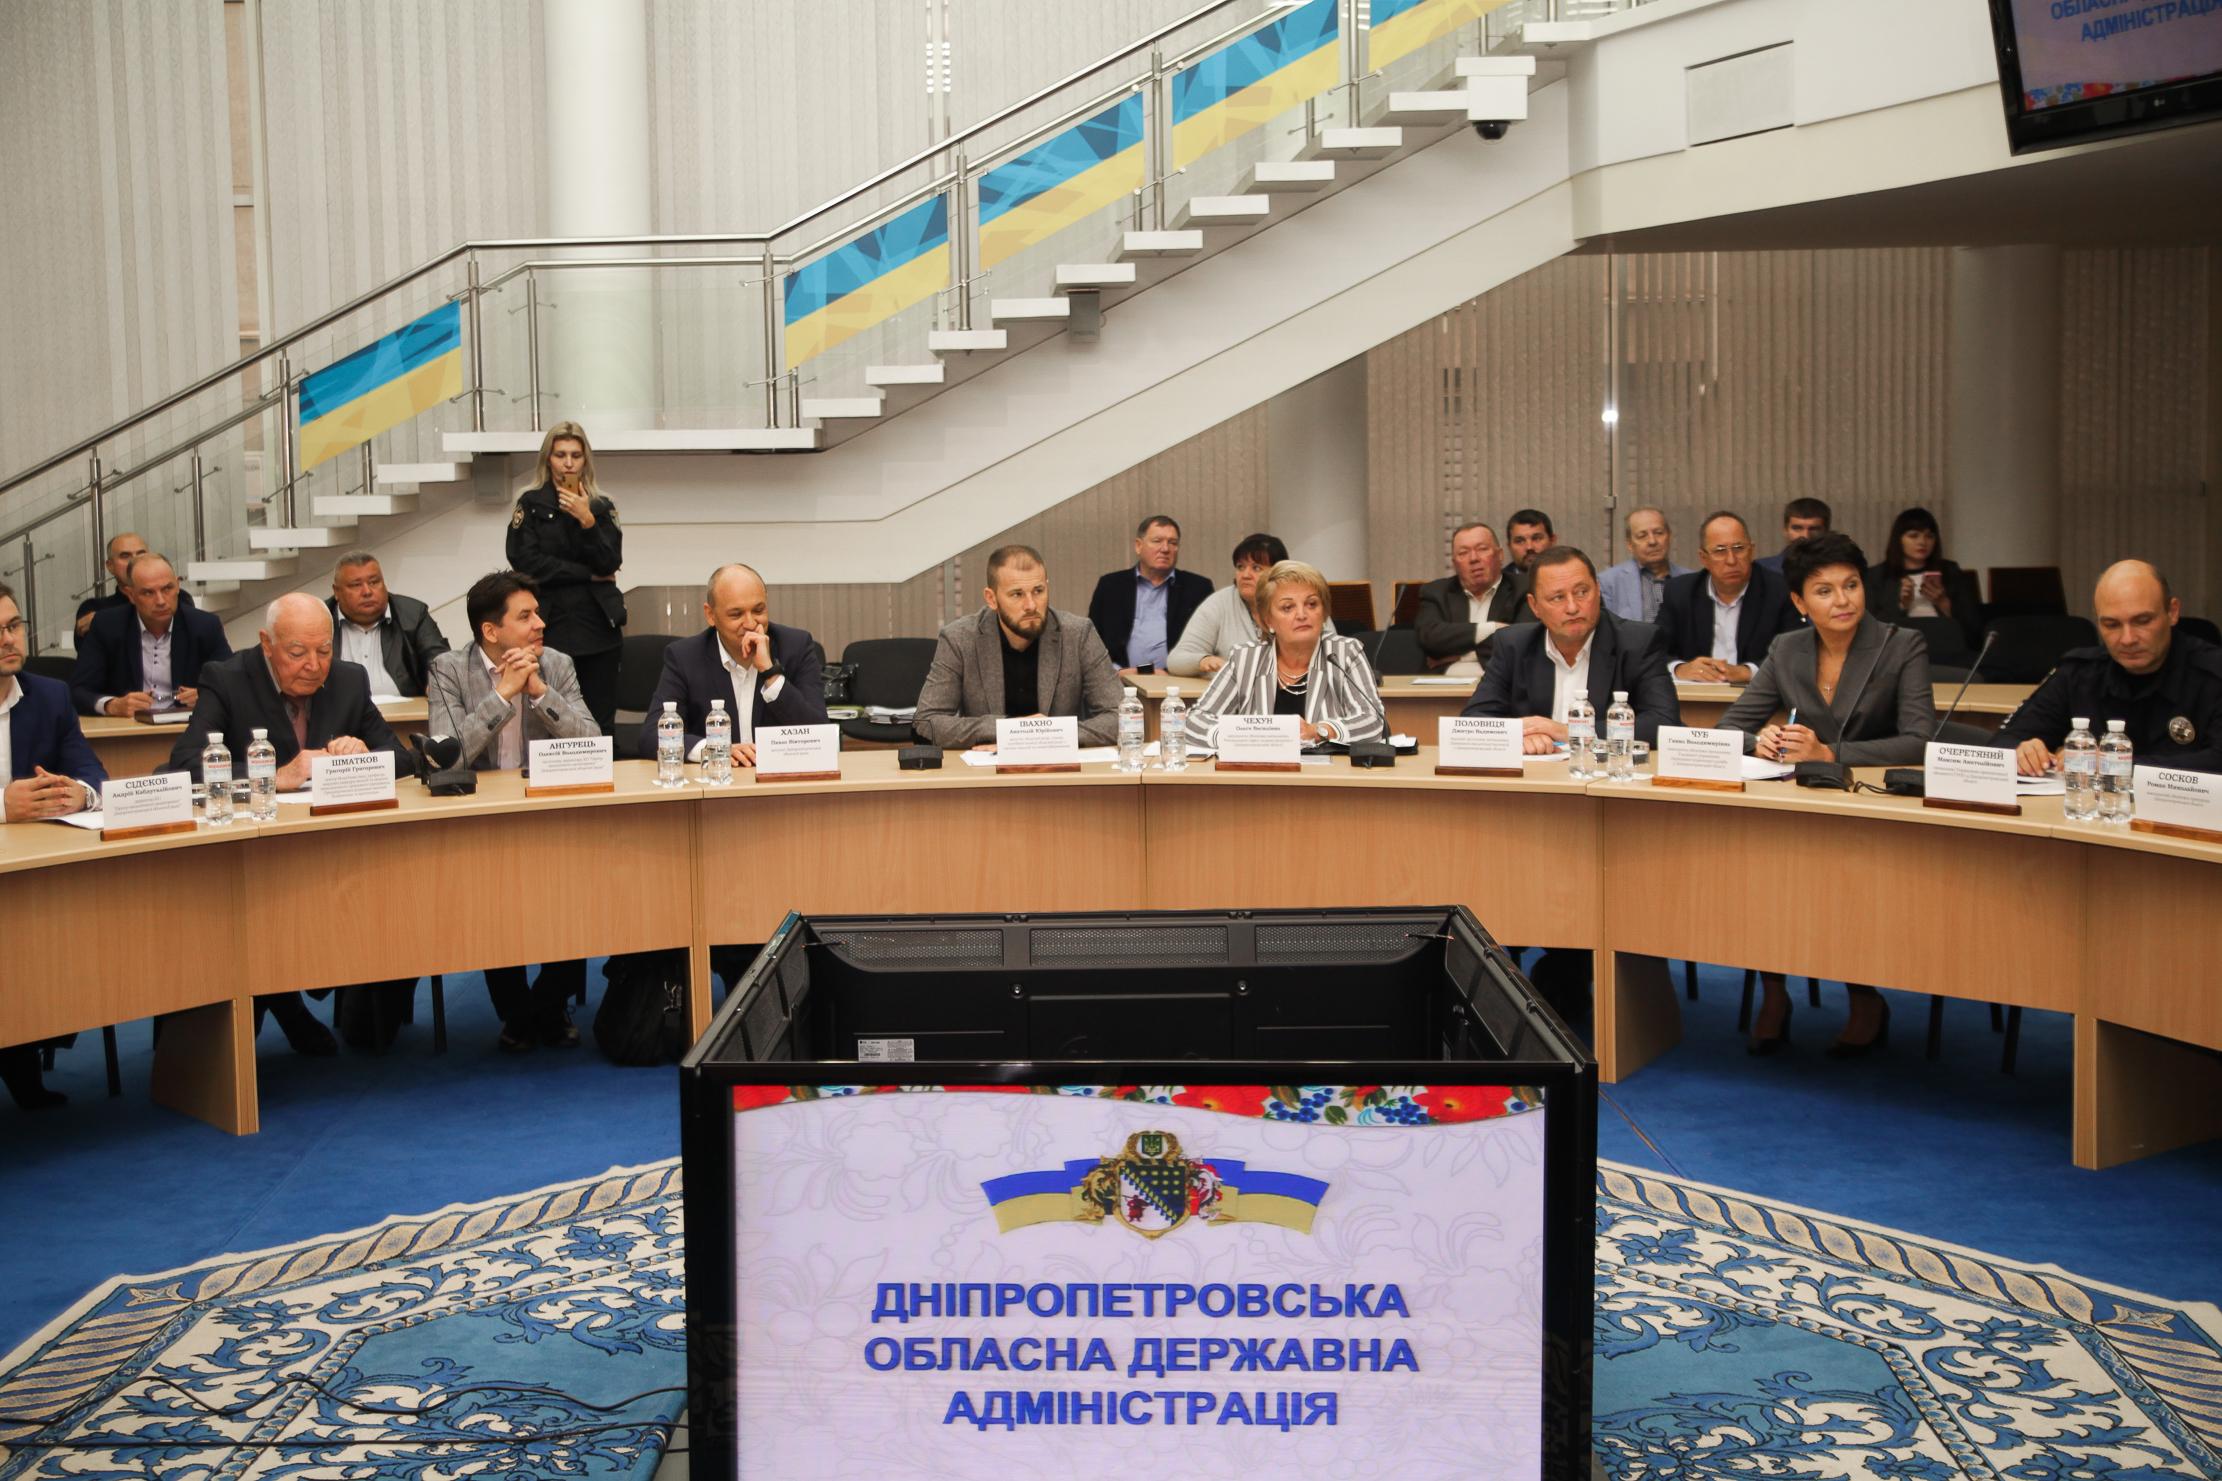 У засіданні взяли участь представники влади,..